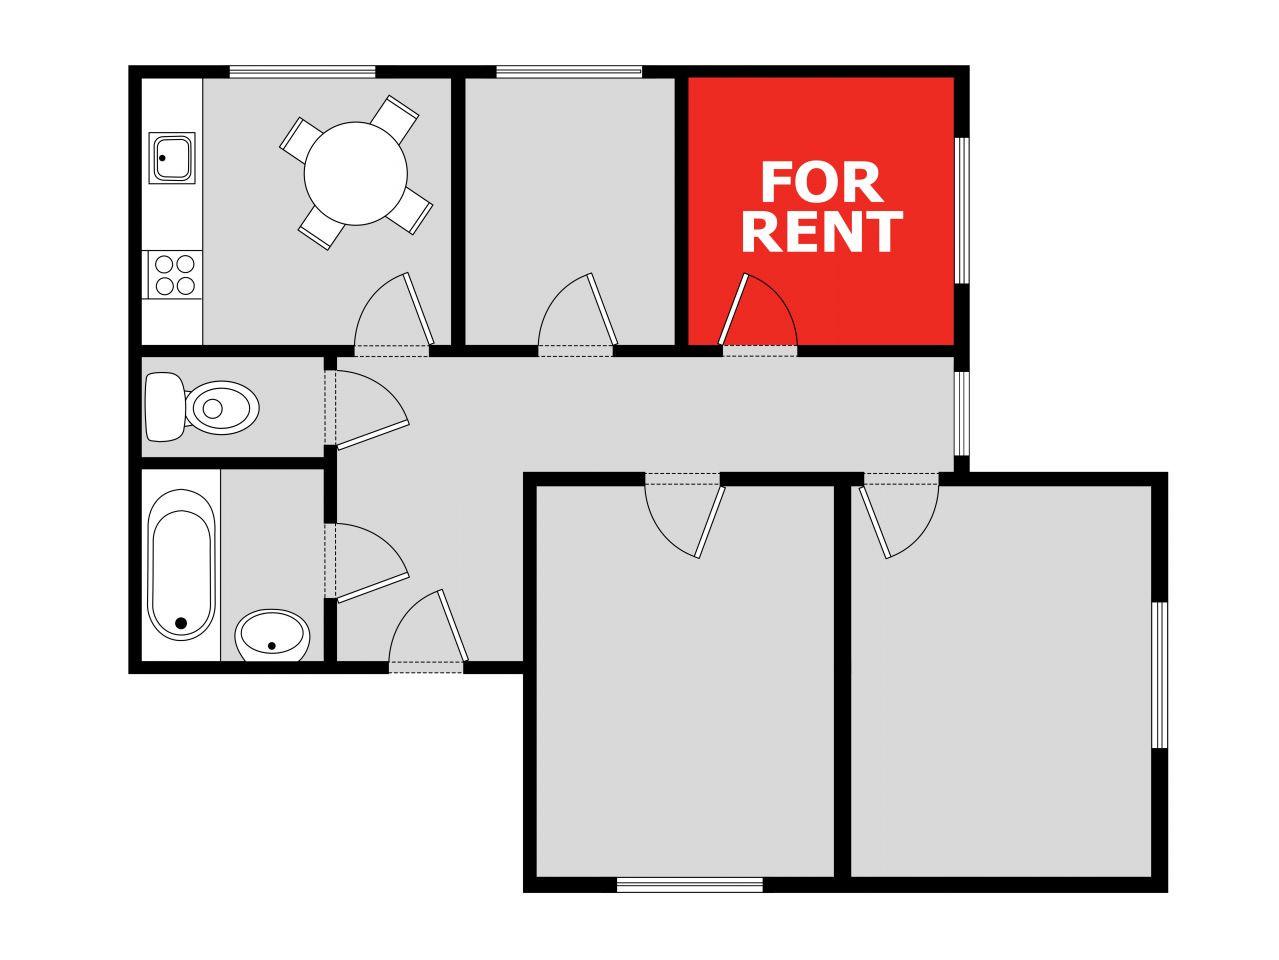 Verhuur in de VVE? Welke vormen van verhuur van een appartement zijn toegestaan en welke verboden?